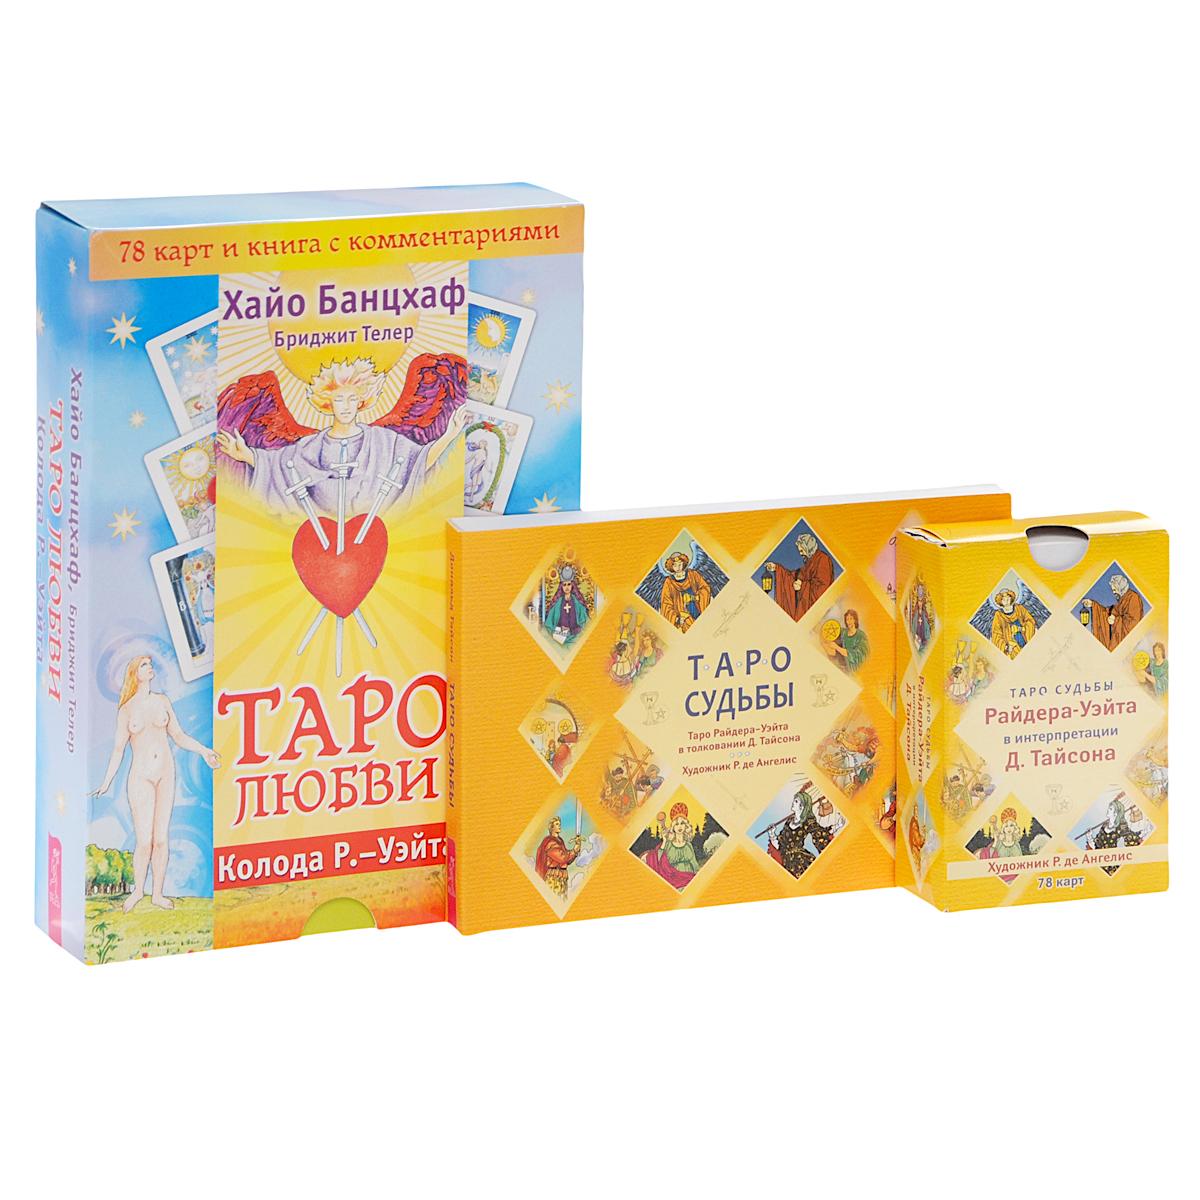 Таро любви (книга + набор из 78 карт). Таро судьбы. Таро судьбы (набор из 78 карт) (комплект)